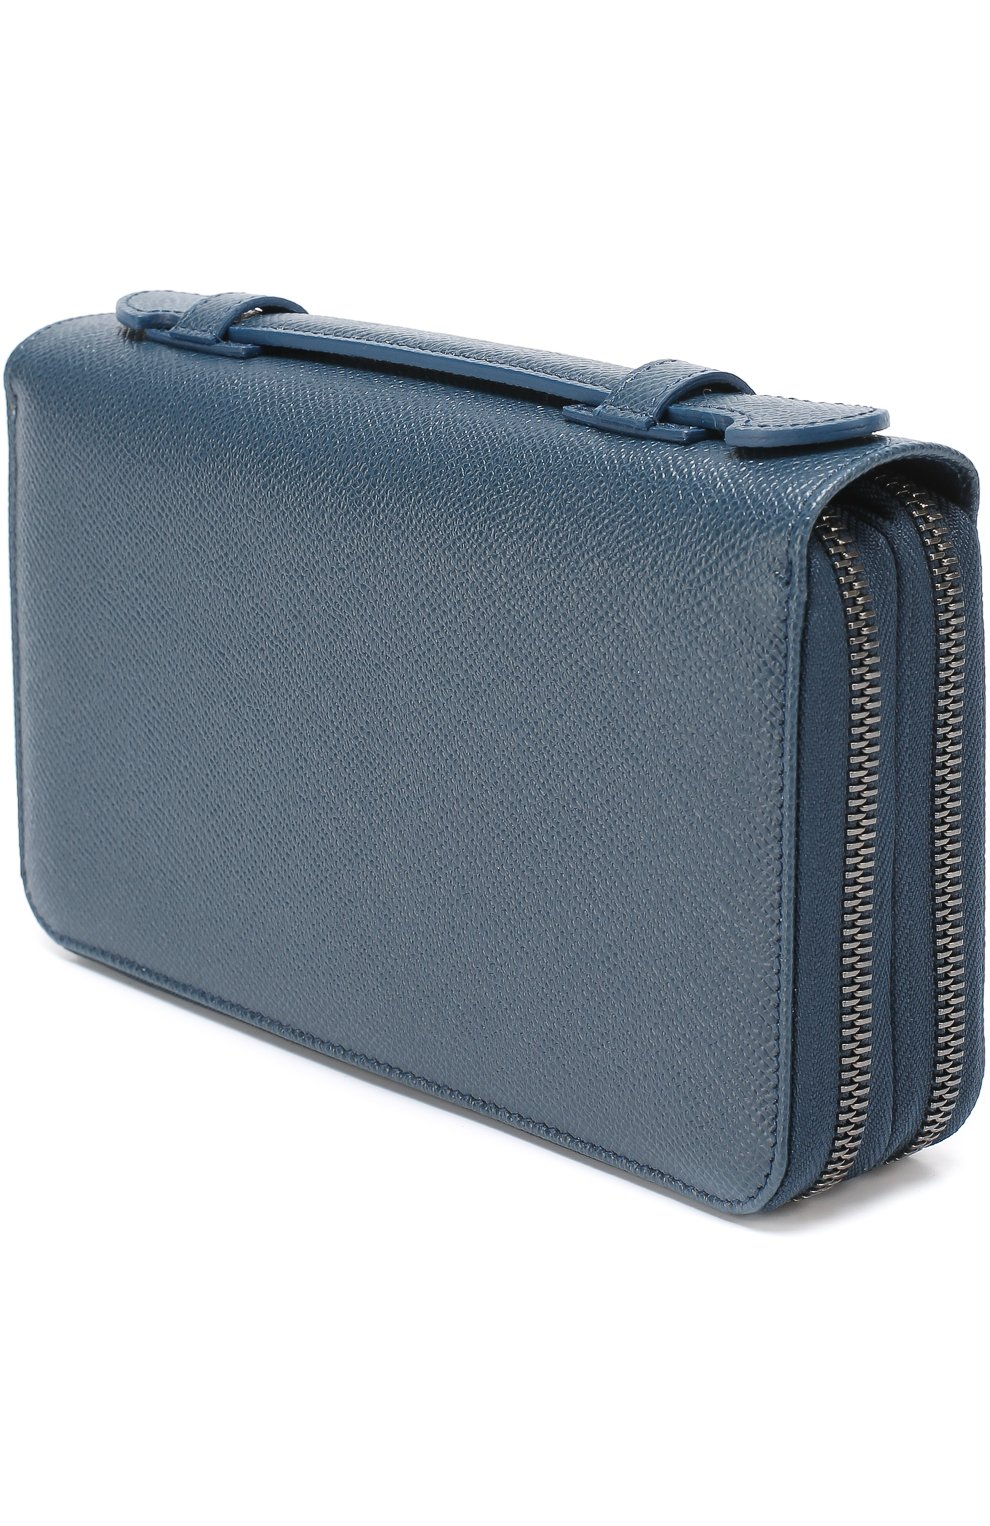 Кожаный футляр для документов с отделениями для кредитных карт и монет Dolce & Gabbana темно-синего цвета   Фото №2